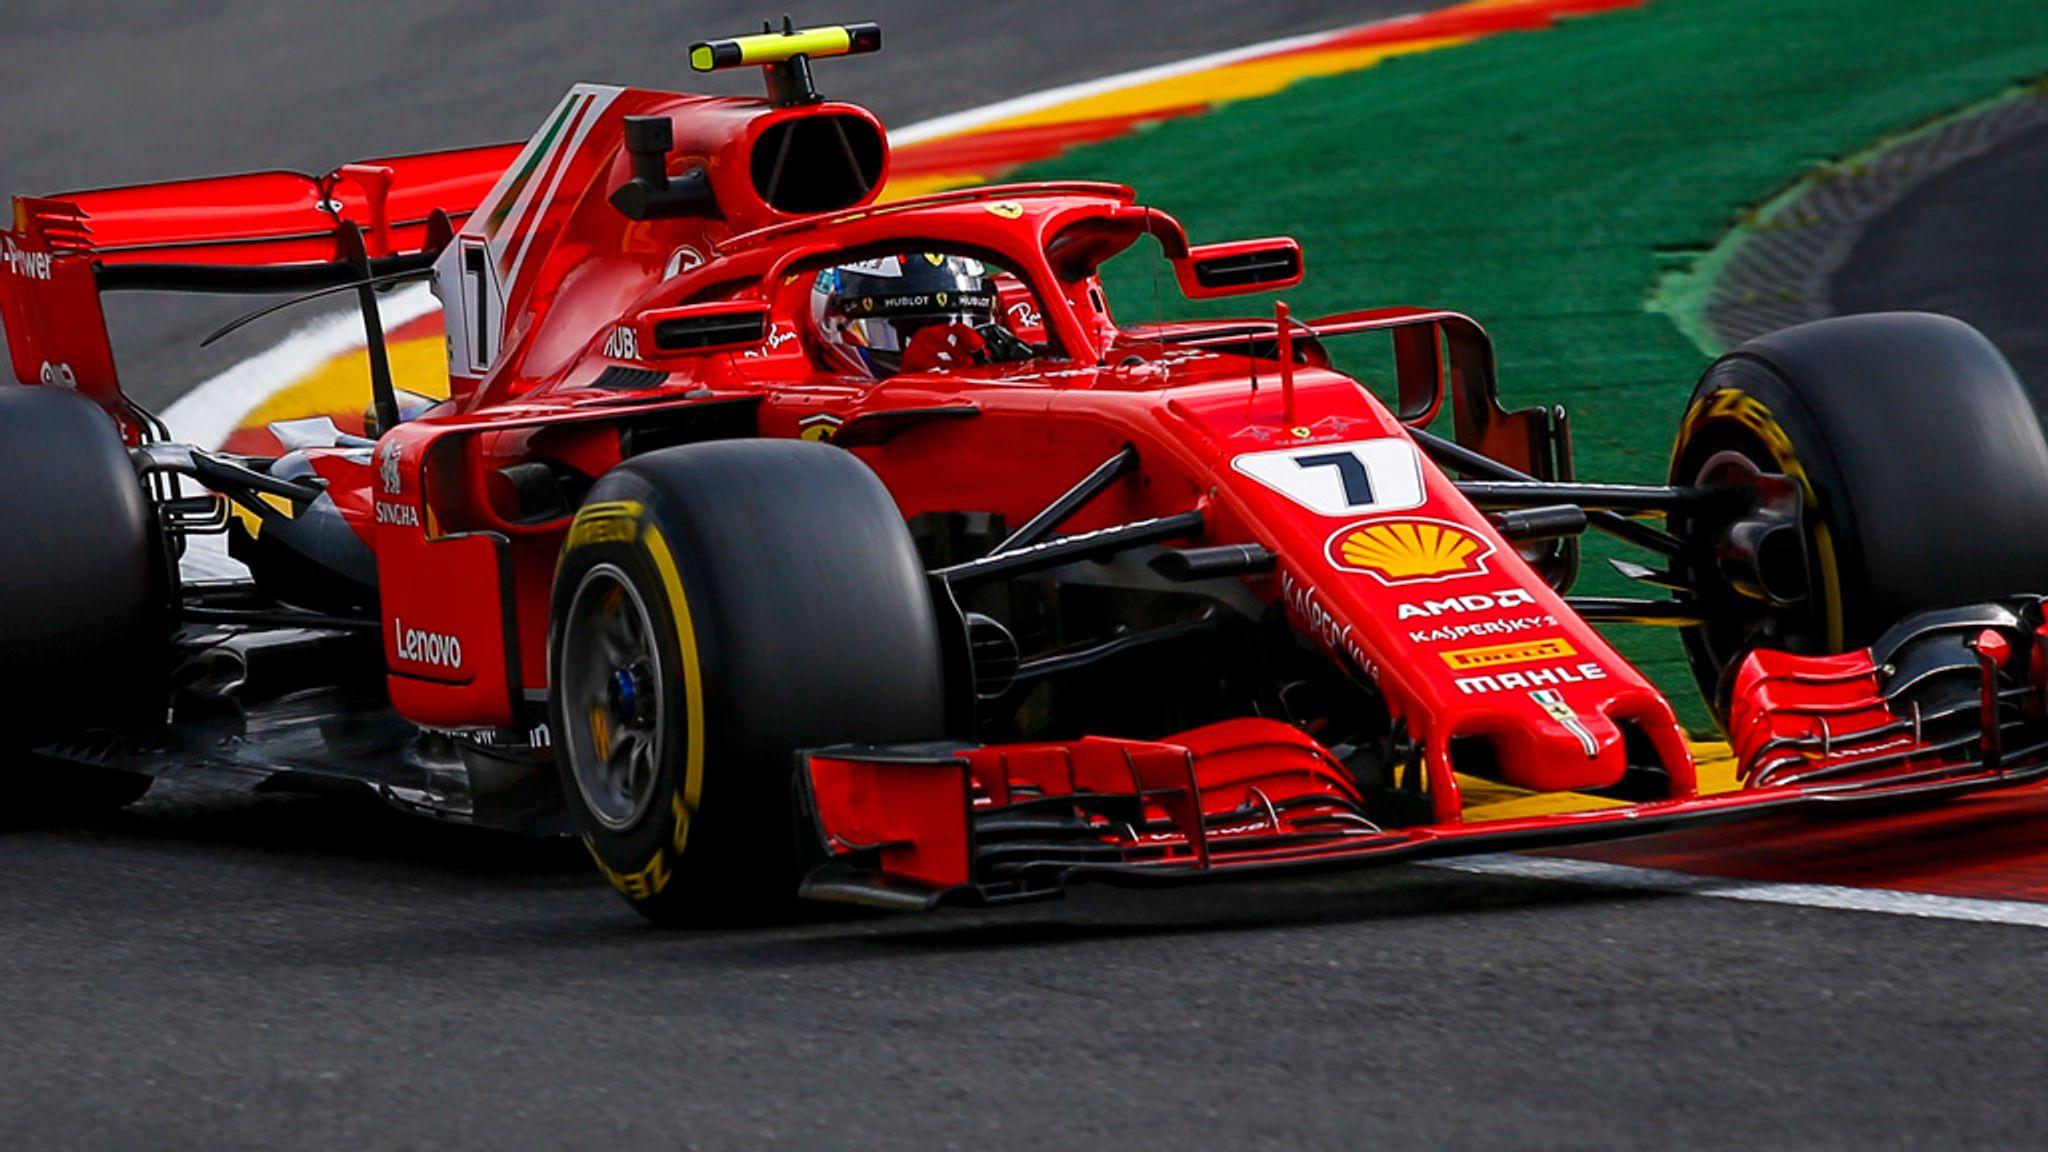 Charles Leclerc Replaces Kimi Raikkonen At Ferrari In F1 2019 F1 News